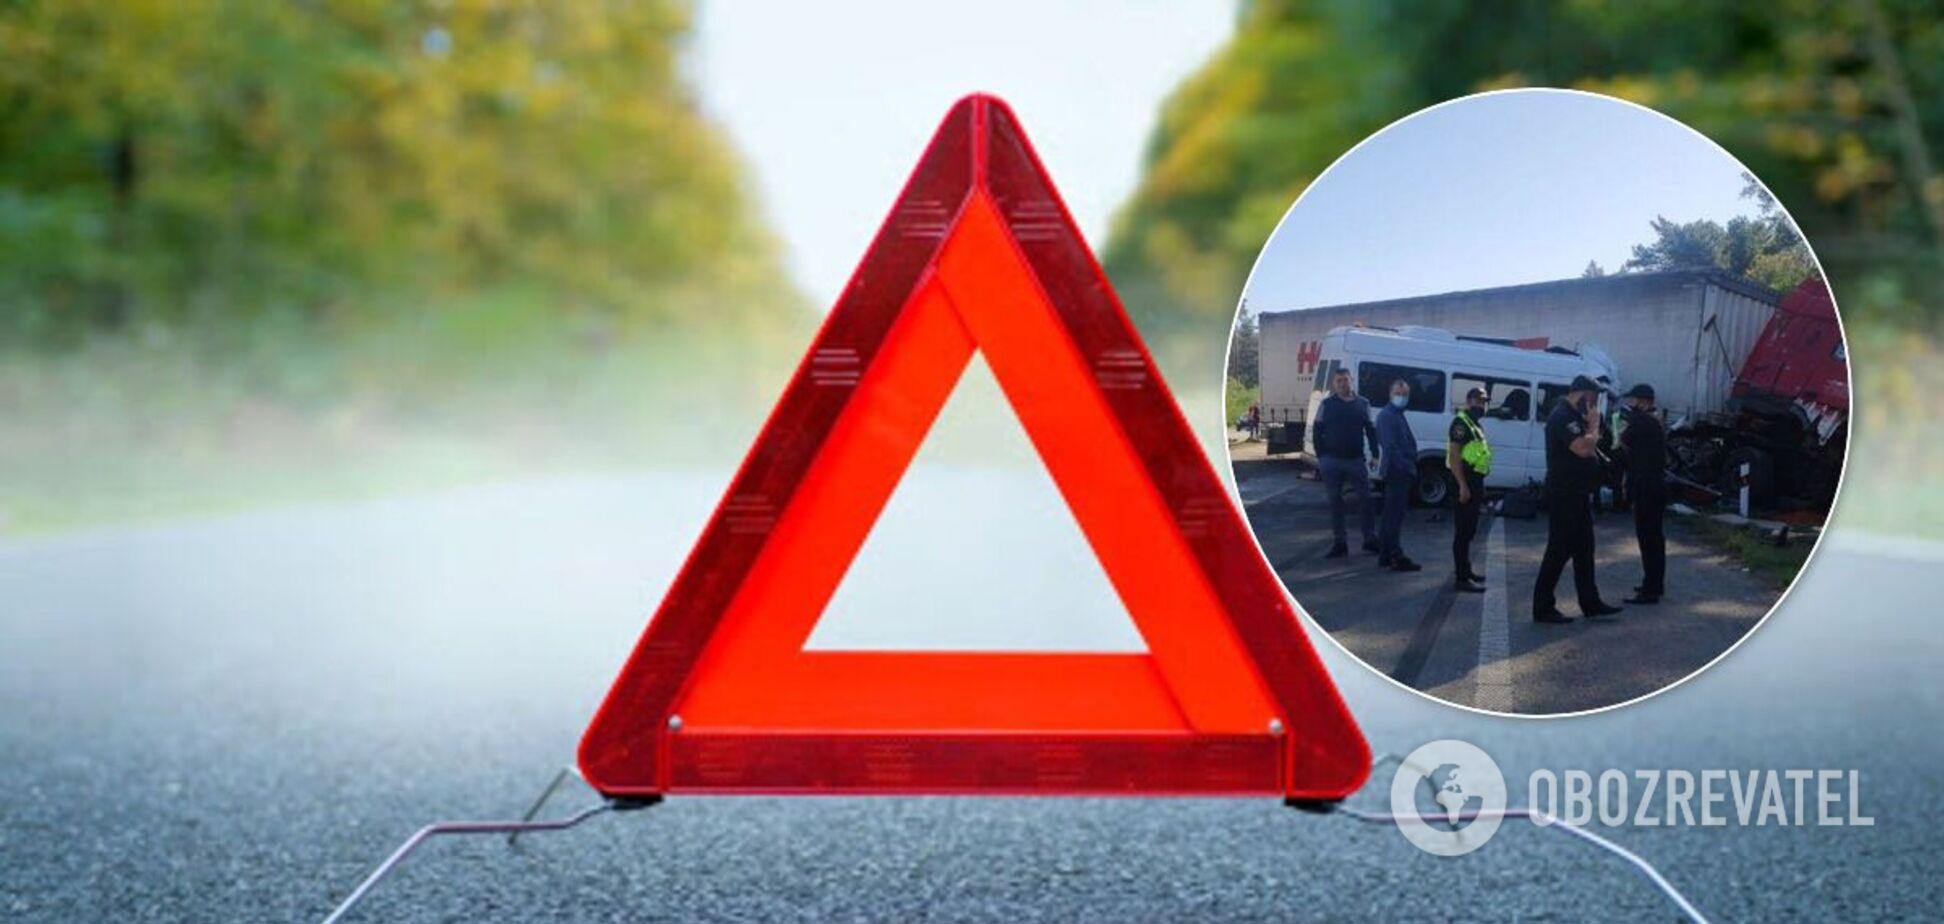 ДТП вблизи Борисполя унесло жизни пяти человек